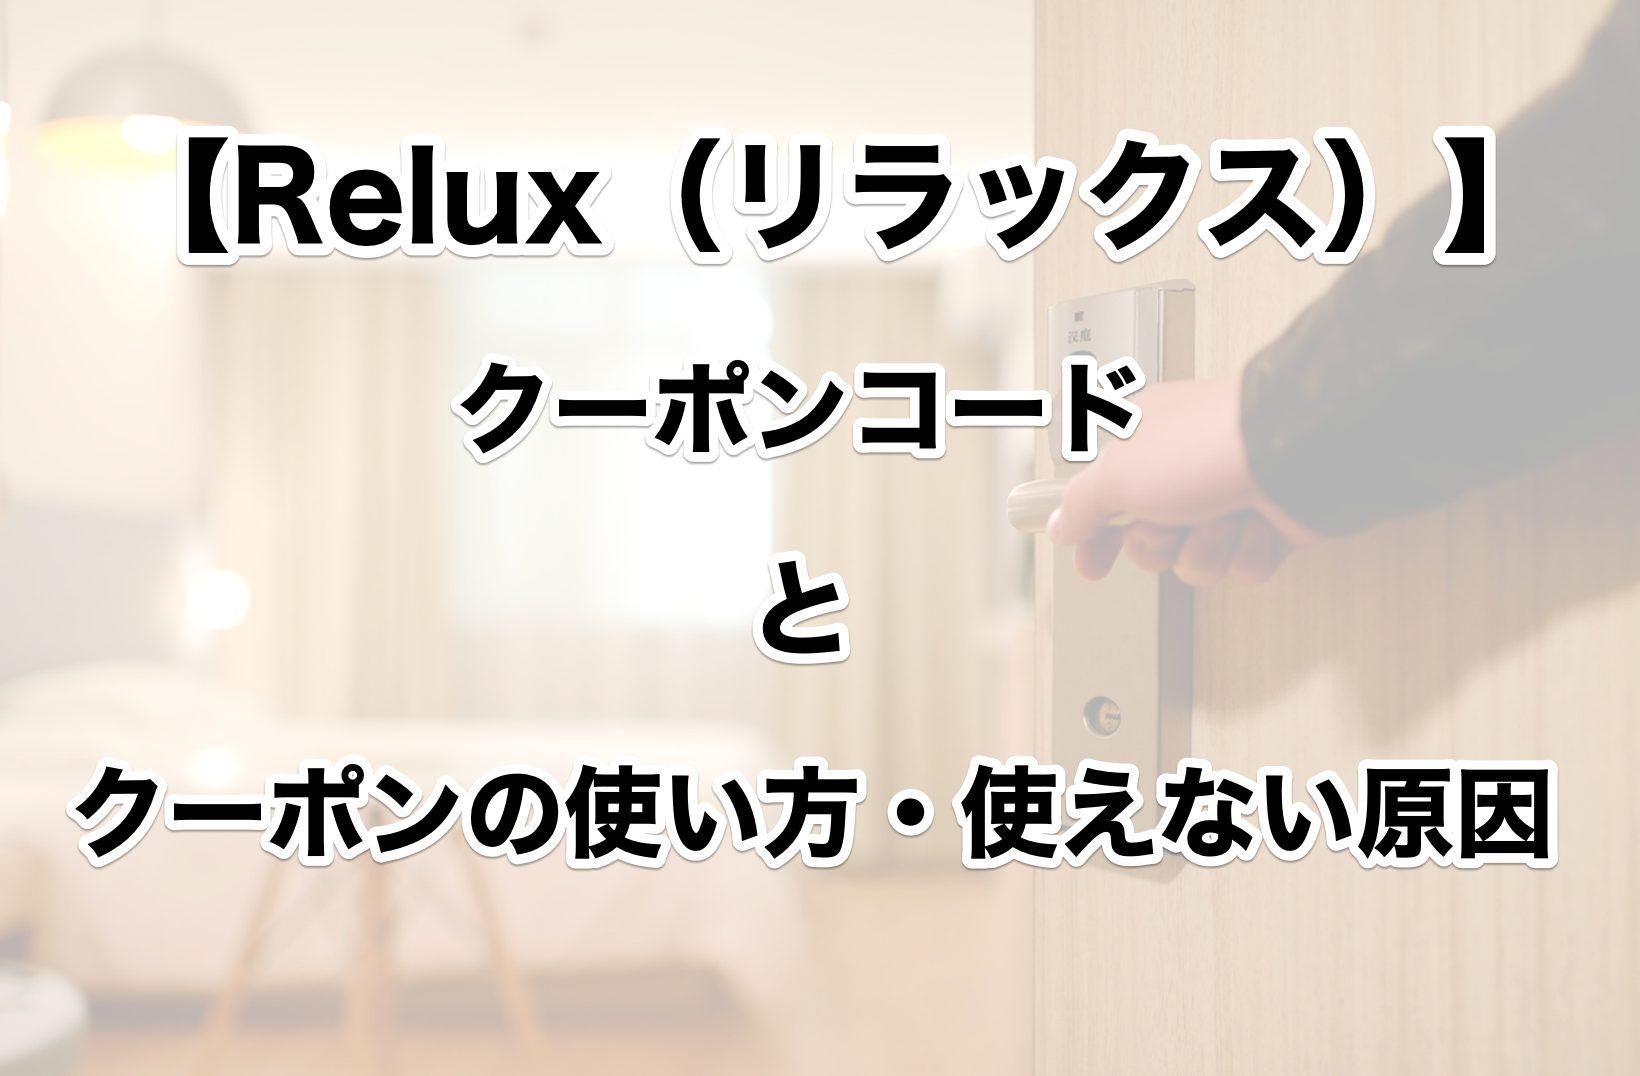 Reluxのクーポンコードまとめ